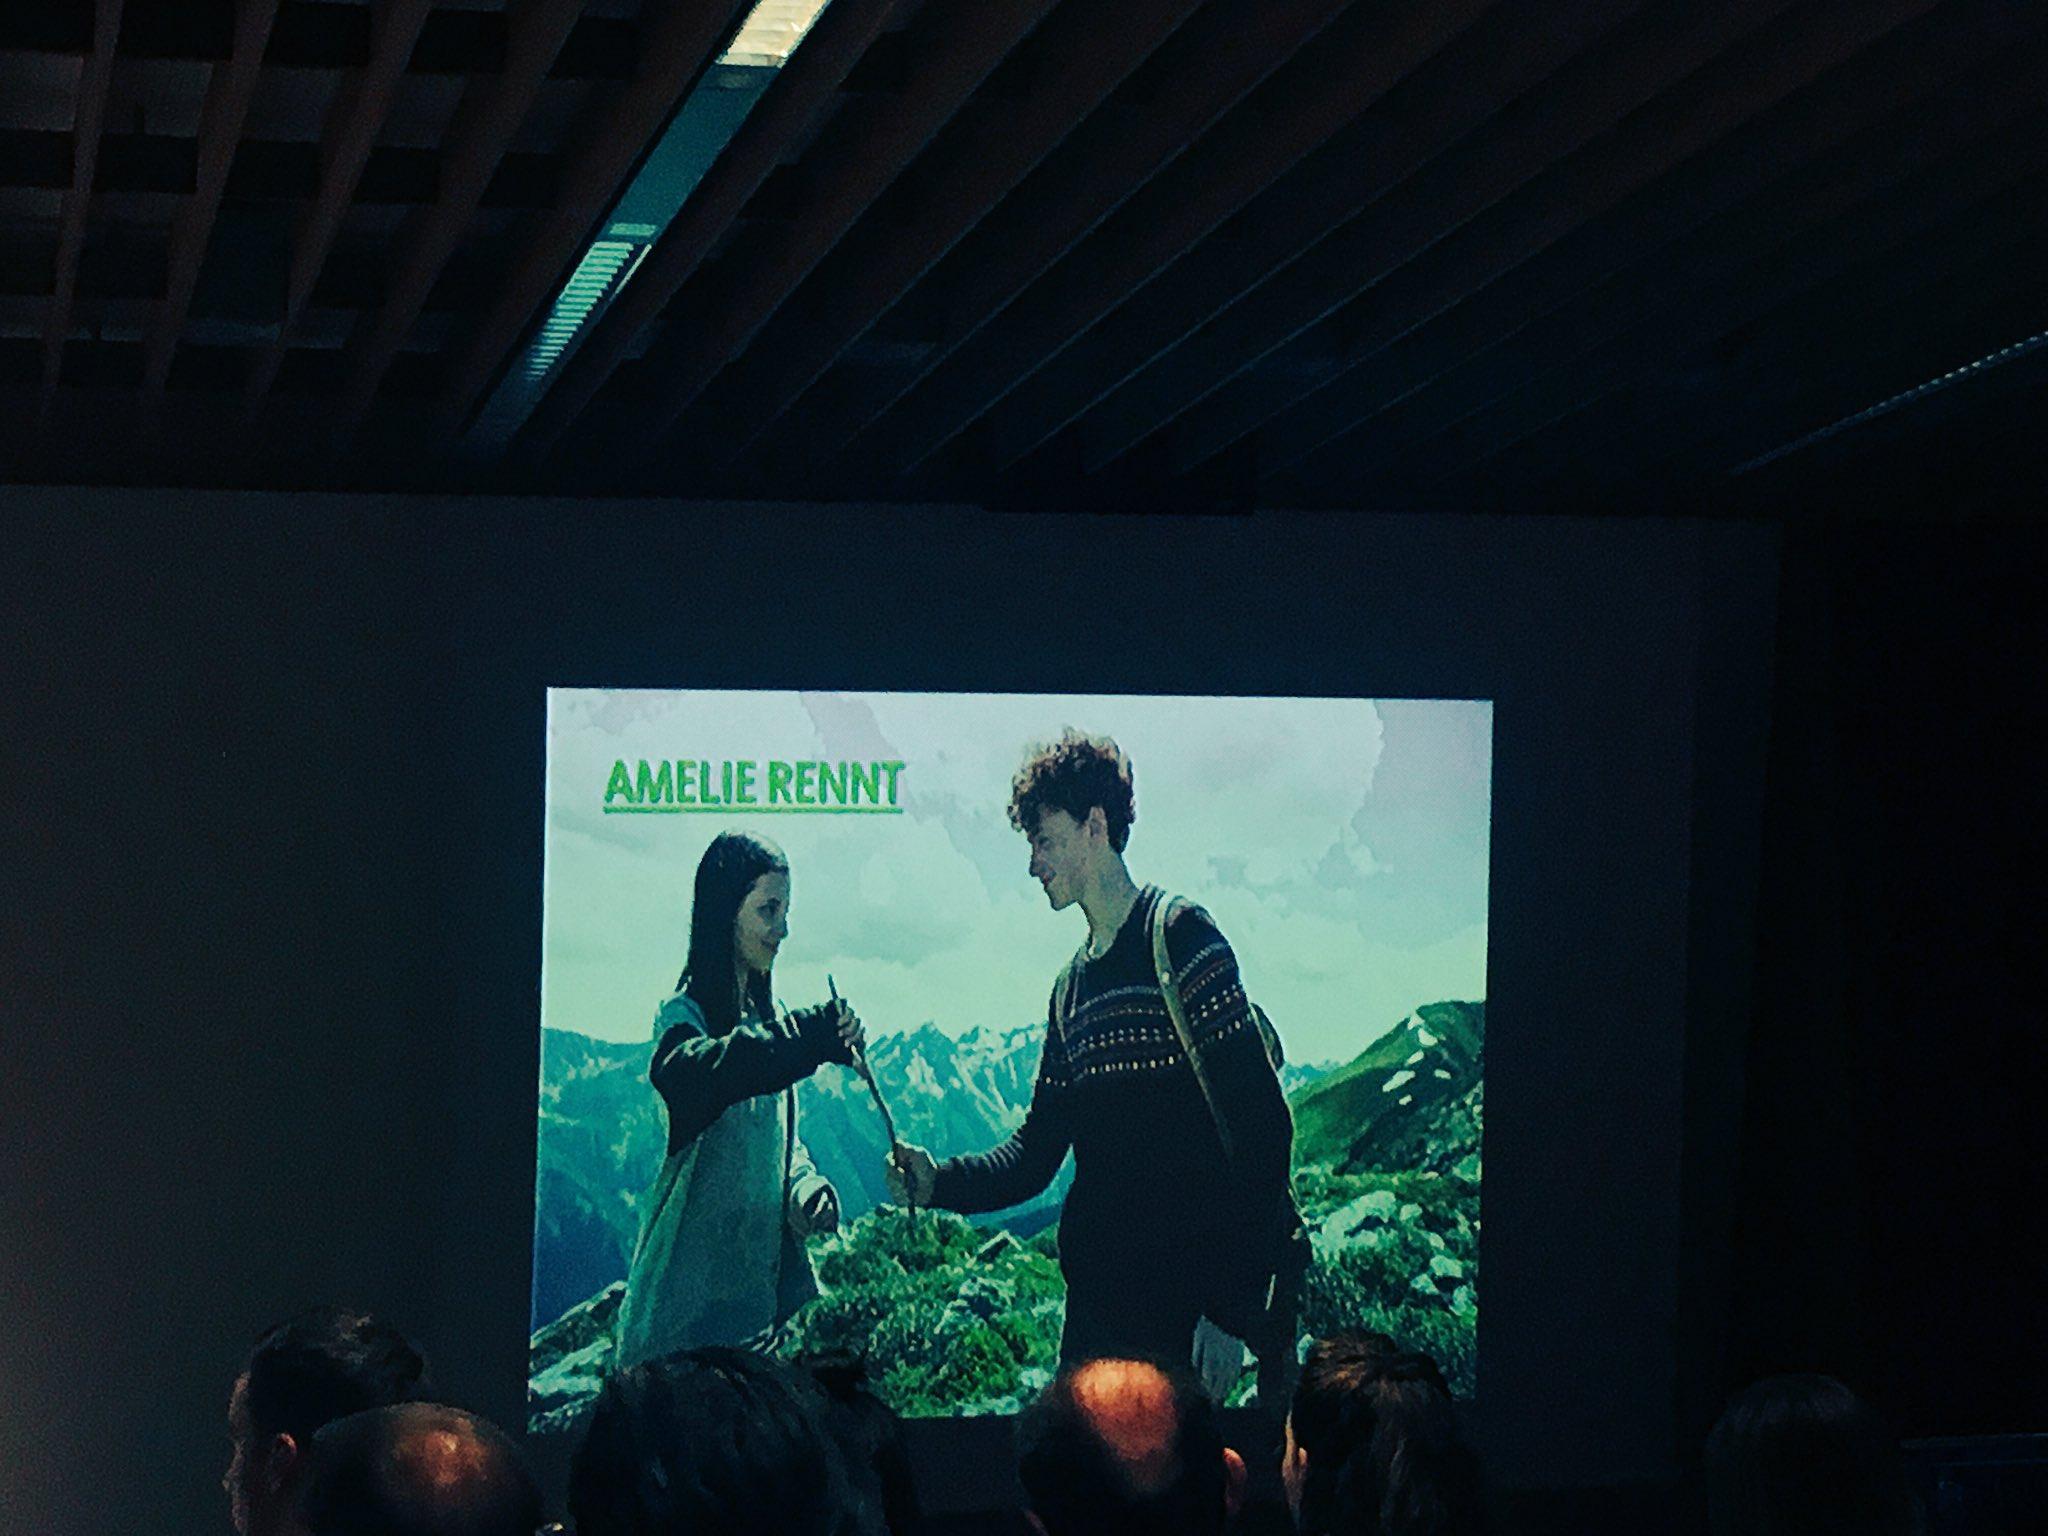 #tmcbz Wertz zeigt Trailer von neuen Produktionen, die verkauft werden derzeit oder schon anlaufen. https://t.co/i0wGXtOFKV